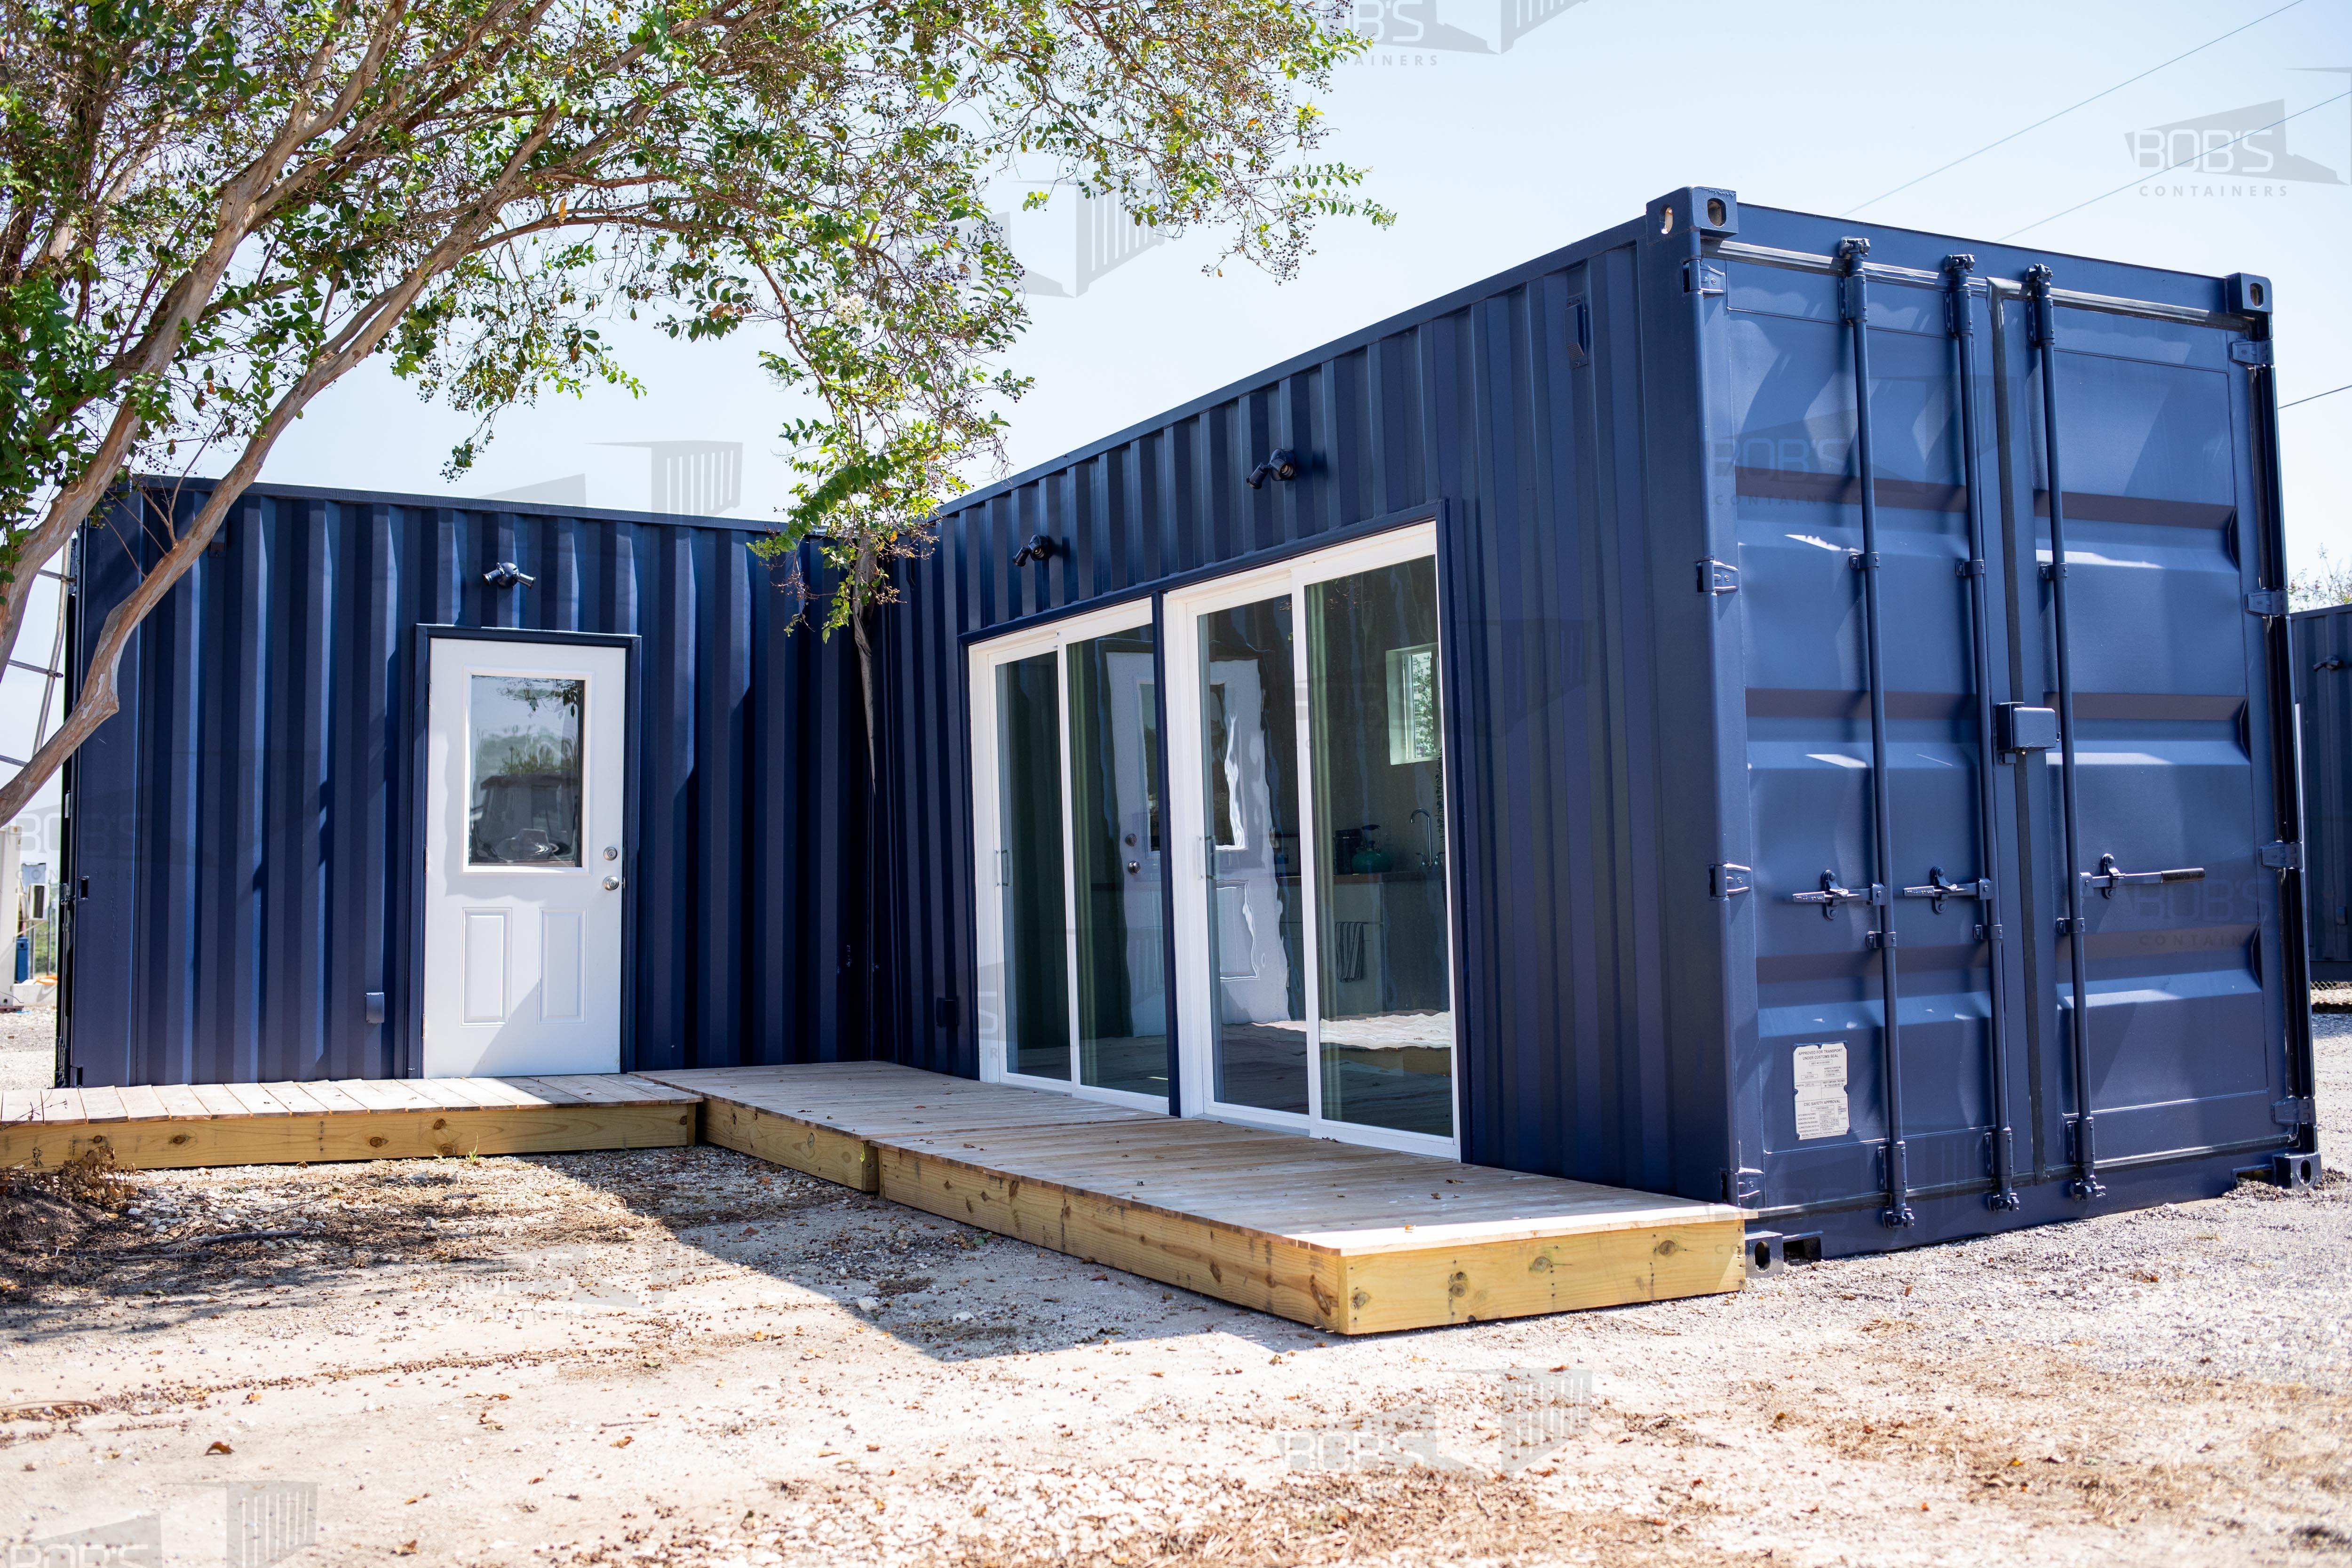 L-Shape Multi-unit Container Home - The Lubbock Model - Shiplap / No Rooftop Views :( / Tile Shower